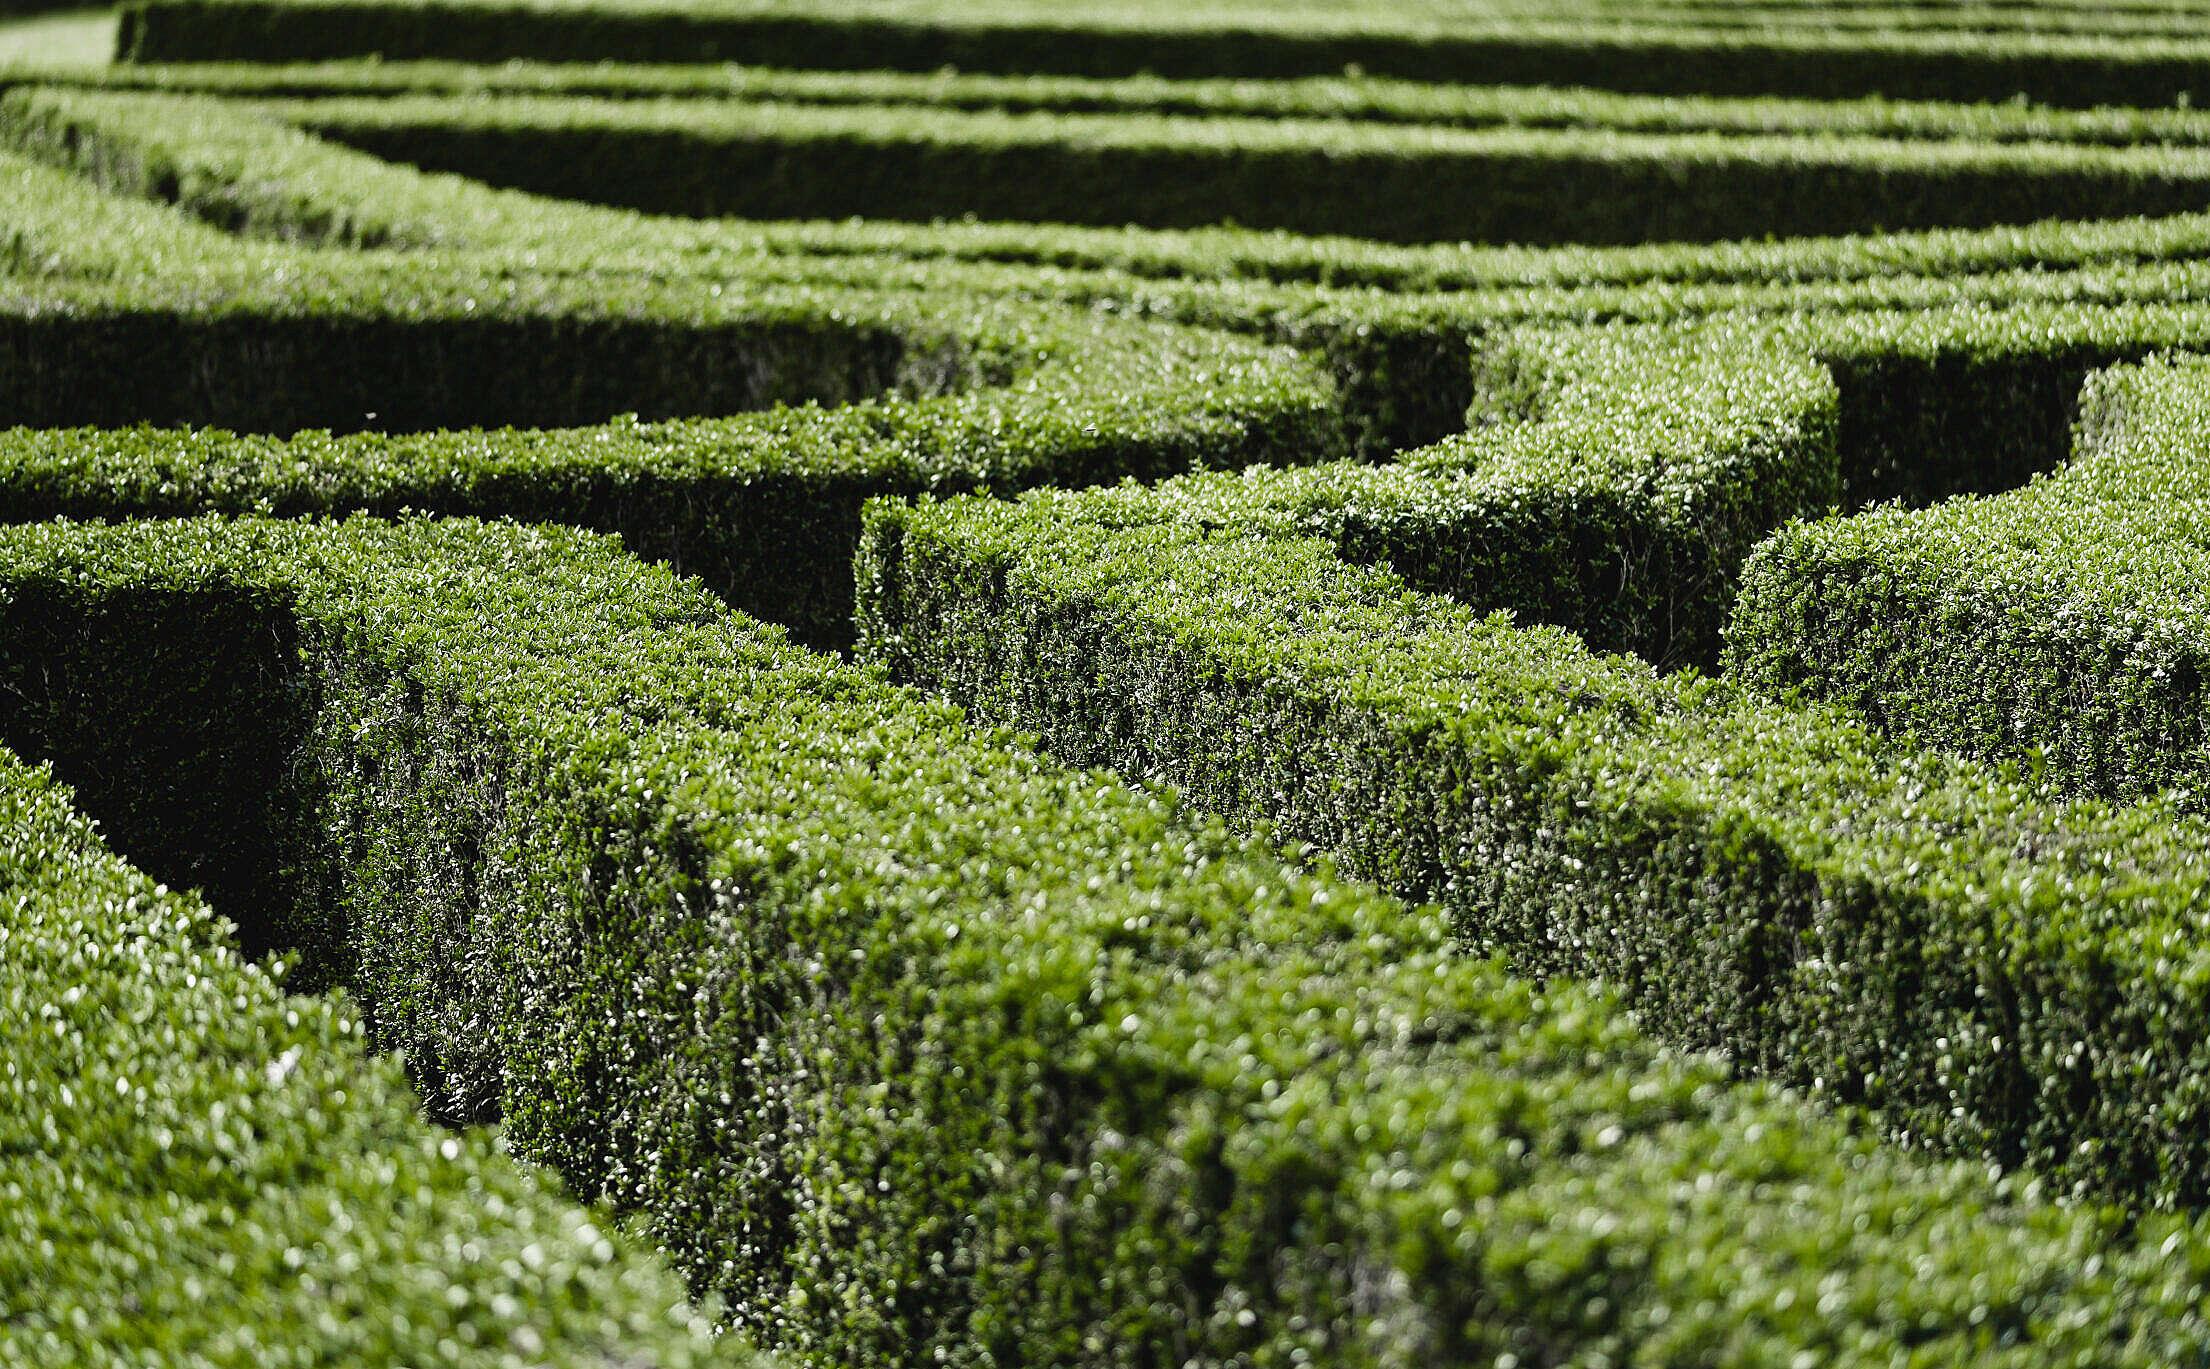 Garden Maze Free Stock Photo